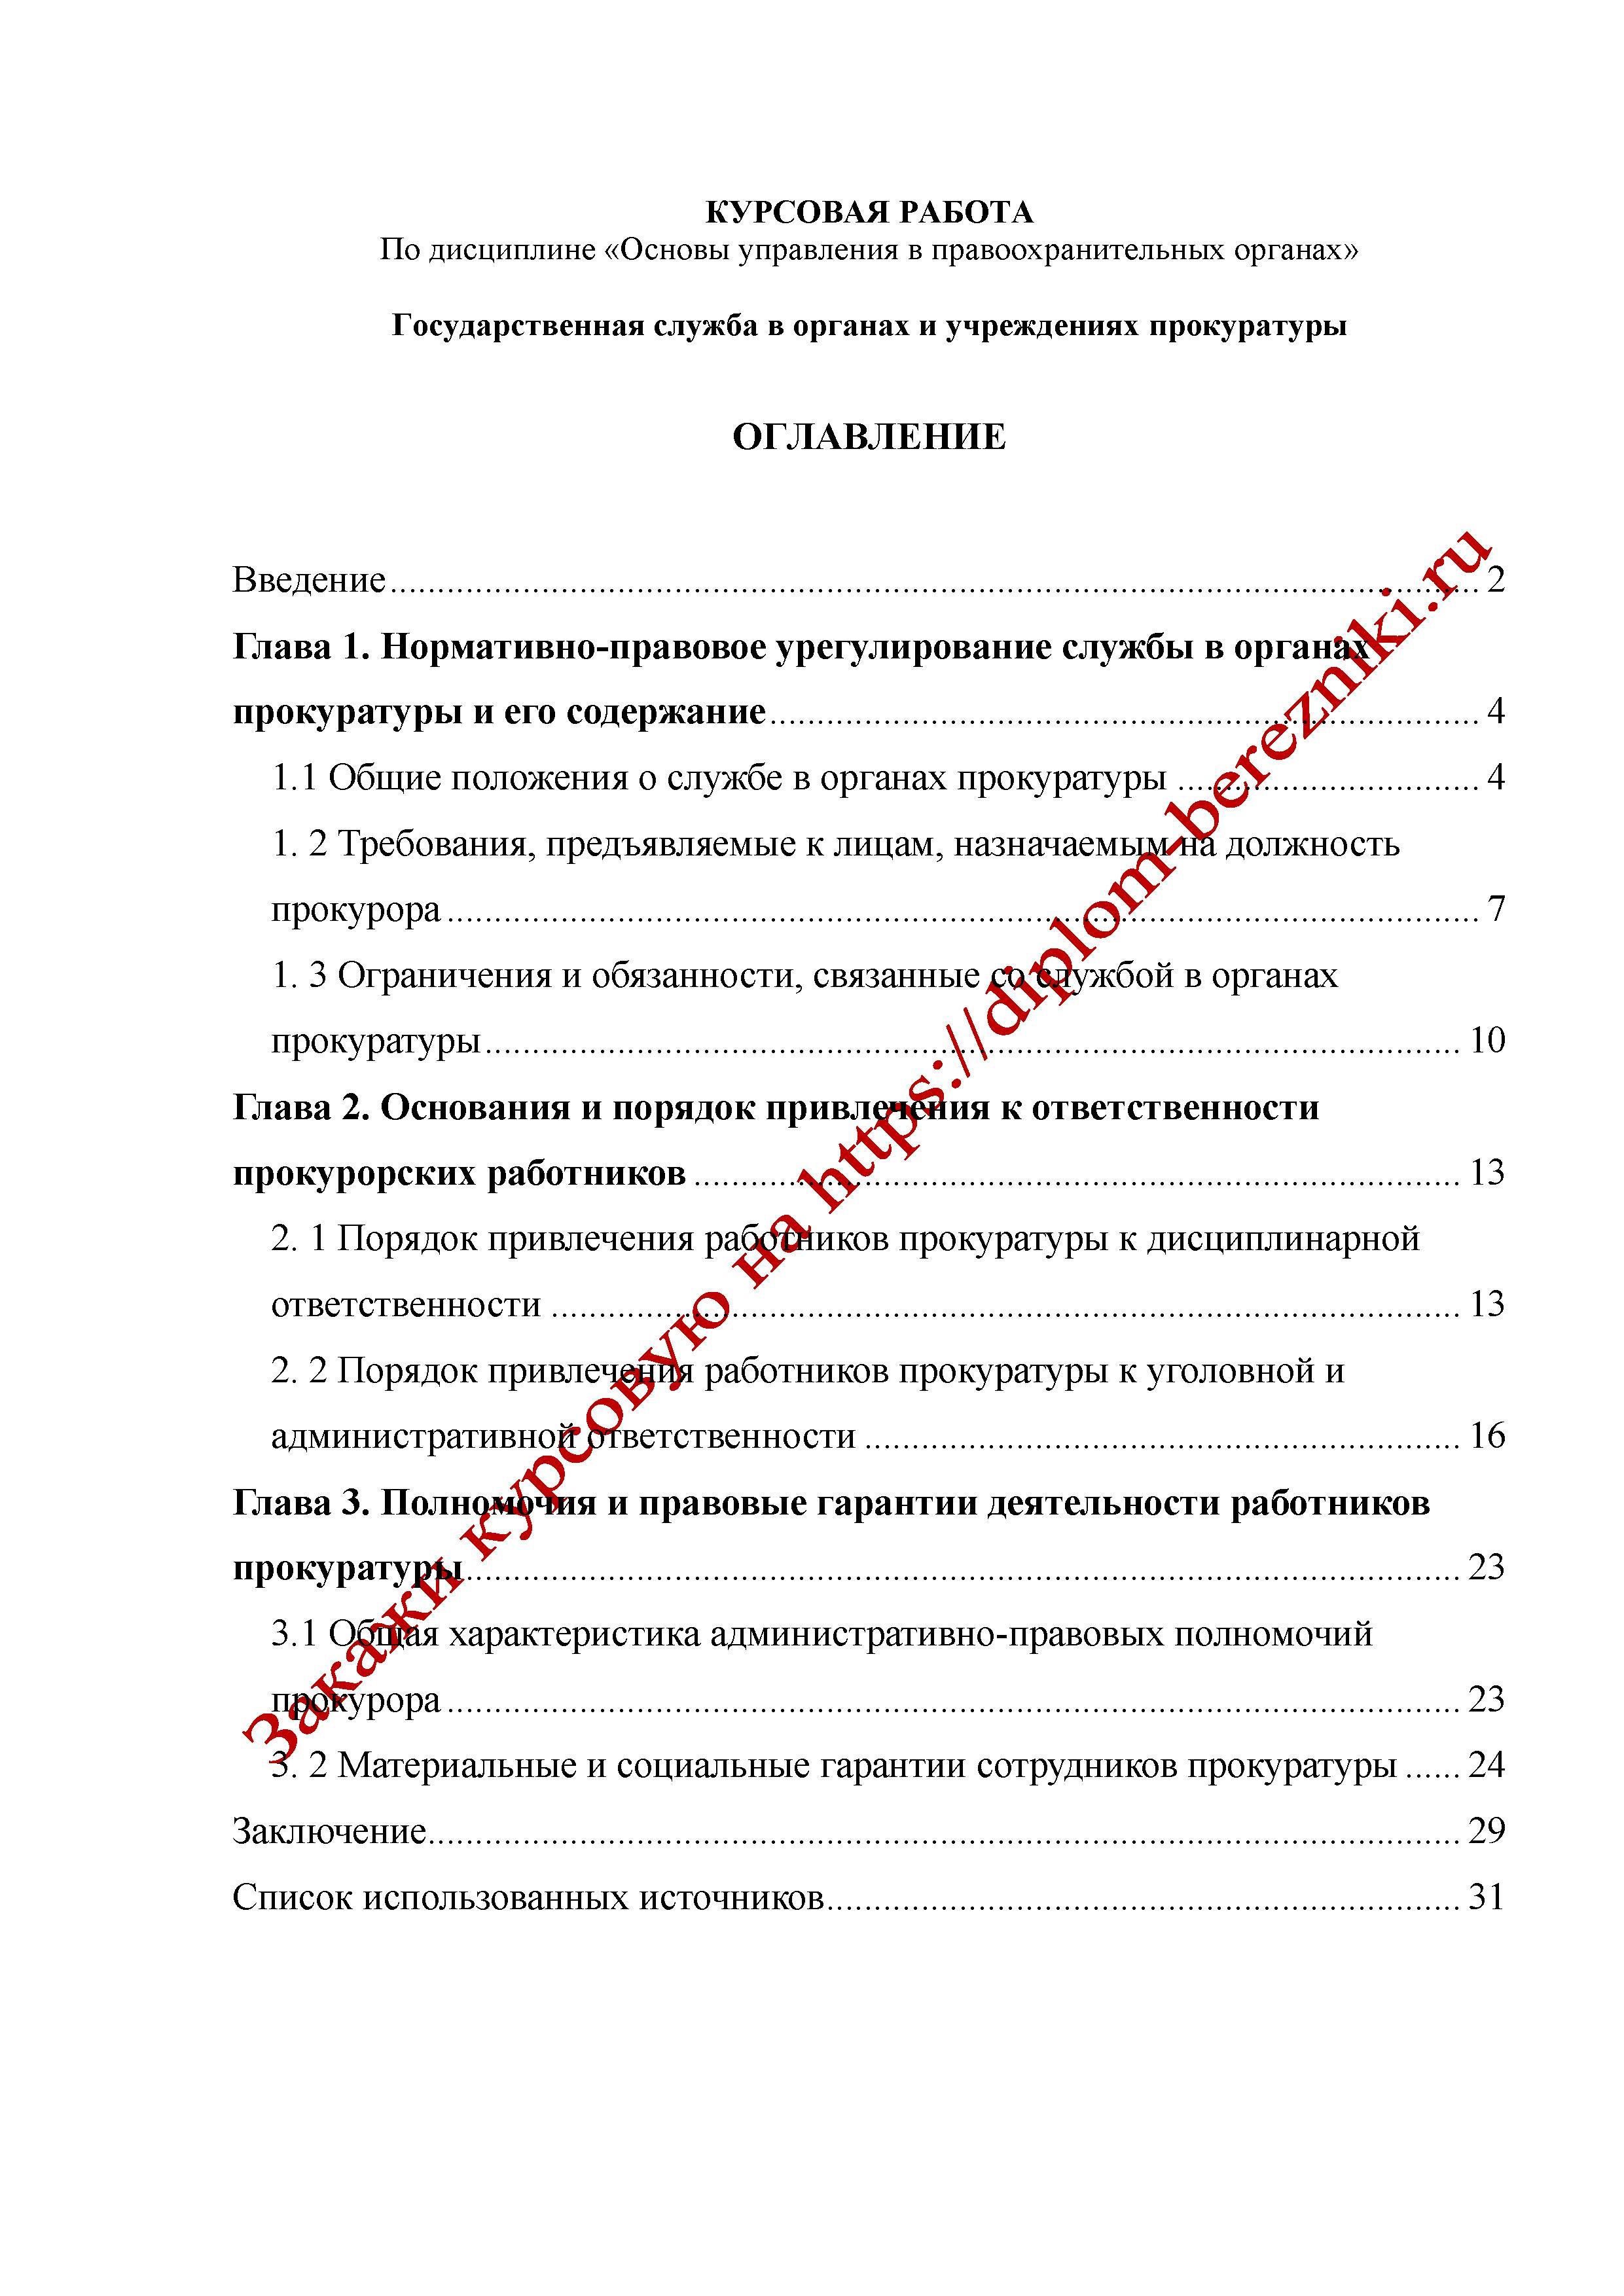 КУРСОВАЯ РАБОТАГосударственная служба в органах и учреждениях прокуратуры